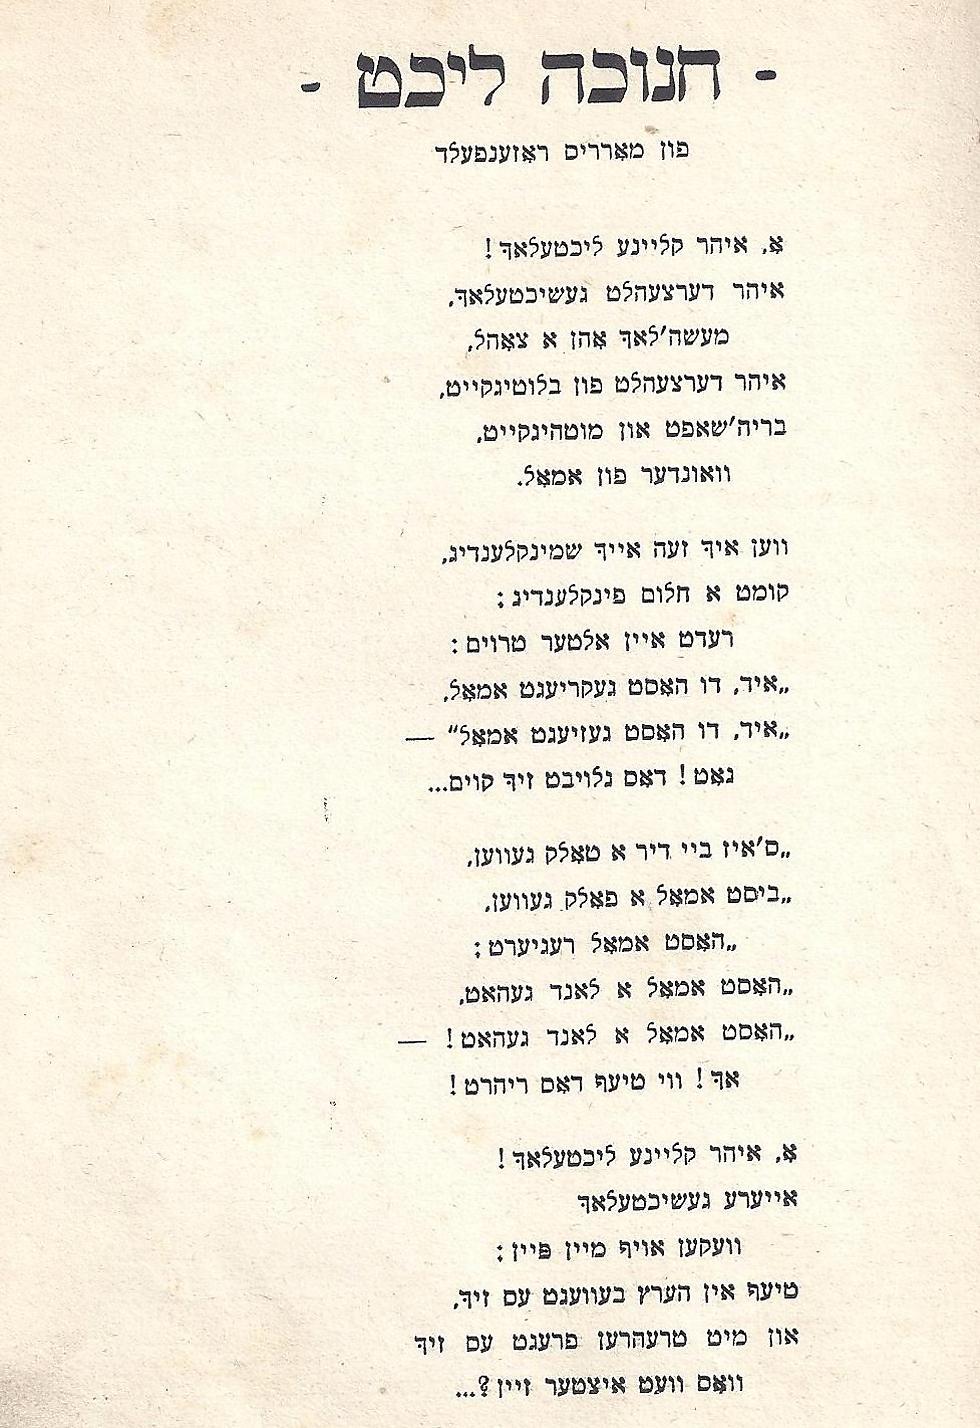 השיר המקורי  (מחלקת המוזיקה בספרייה הלאומית)